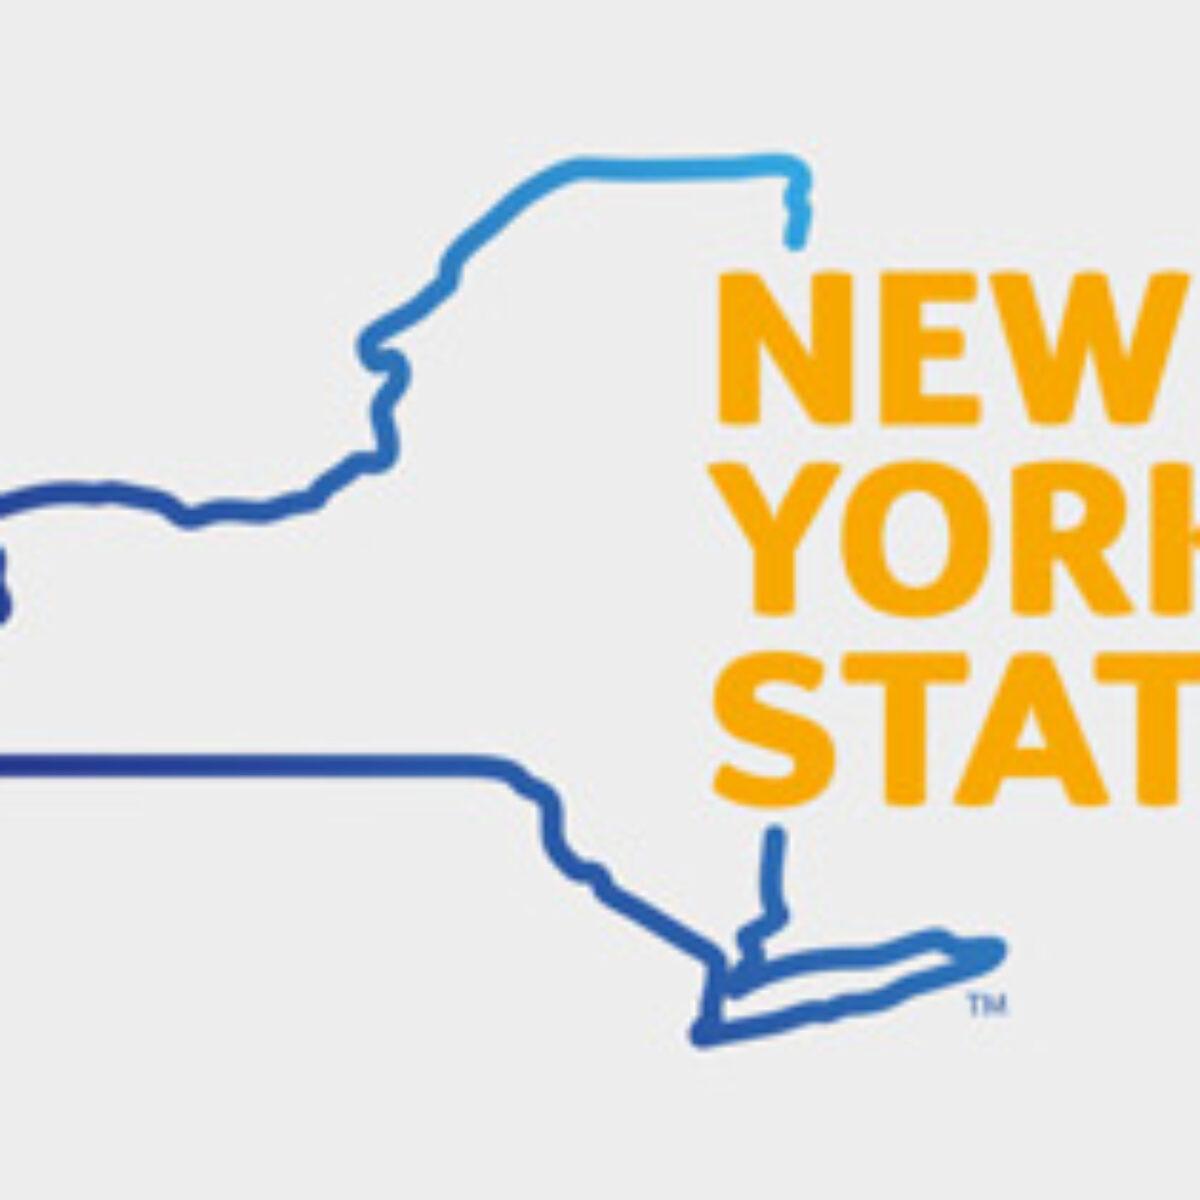 NY-Gov-logo-400